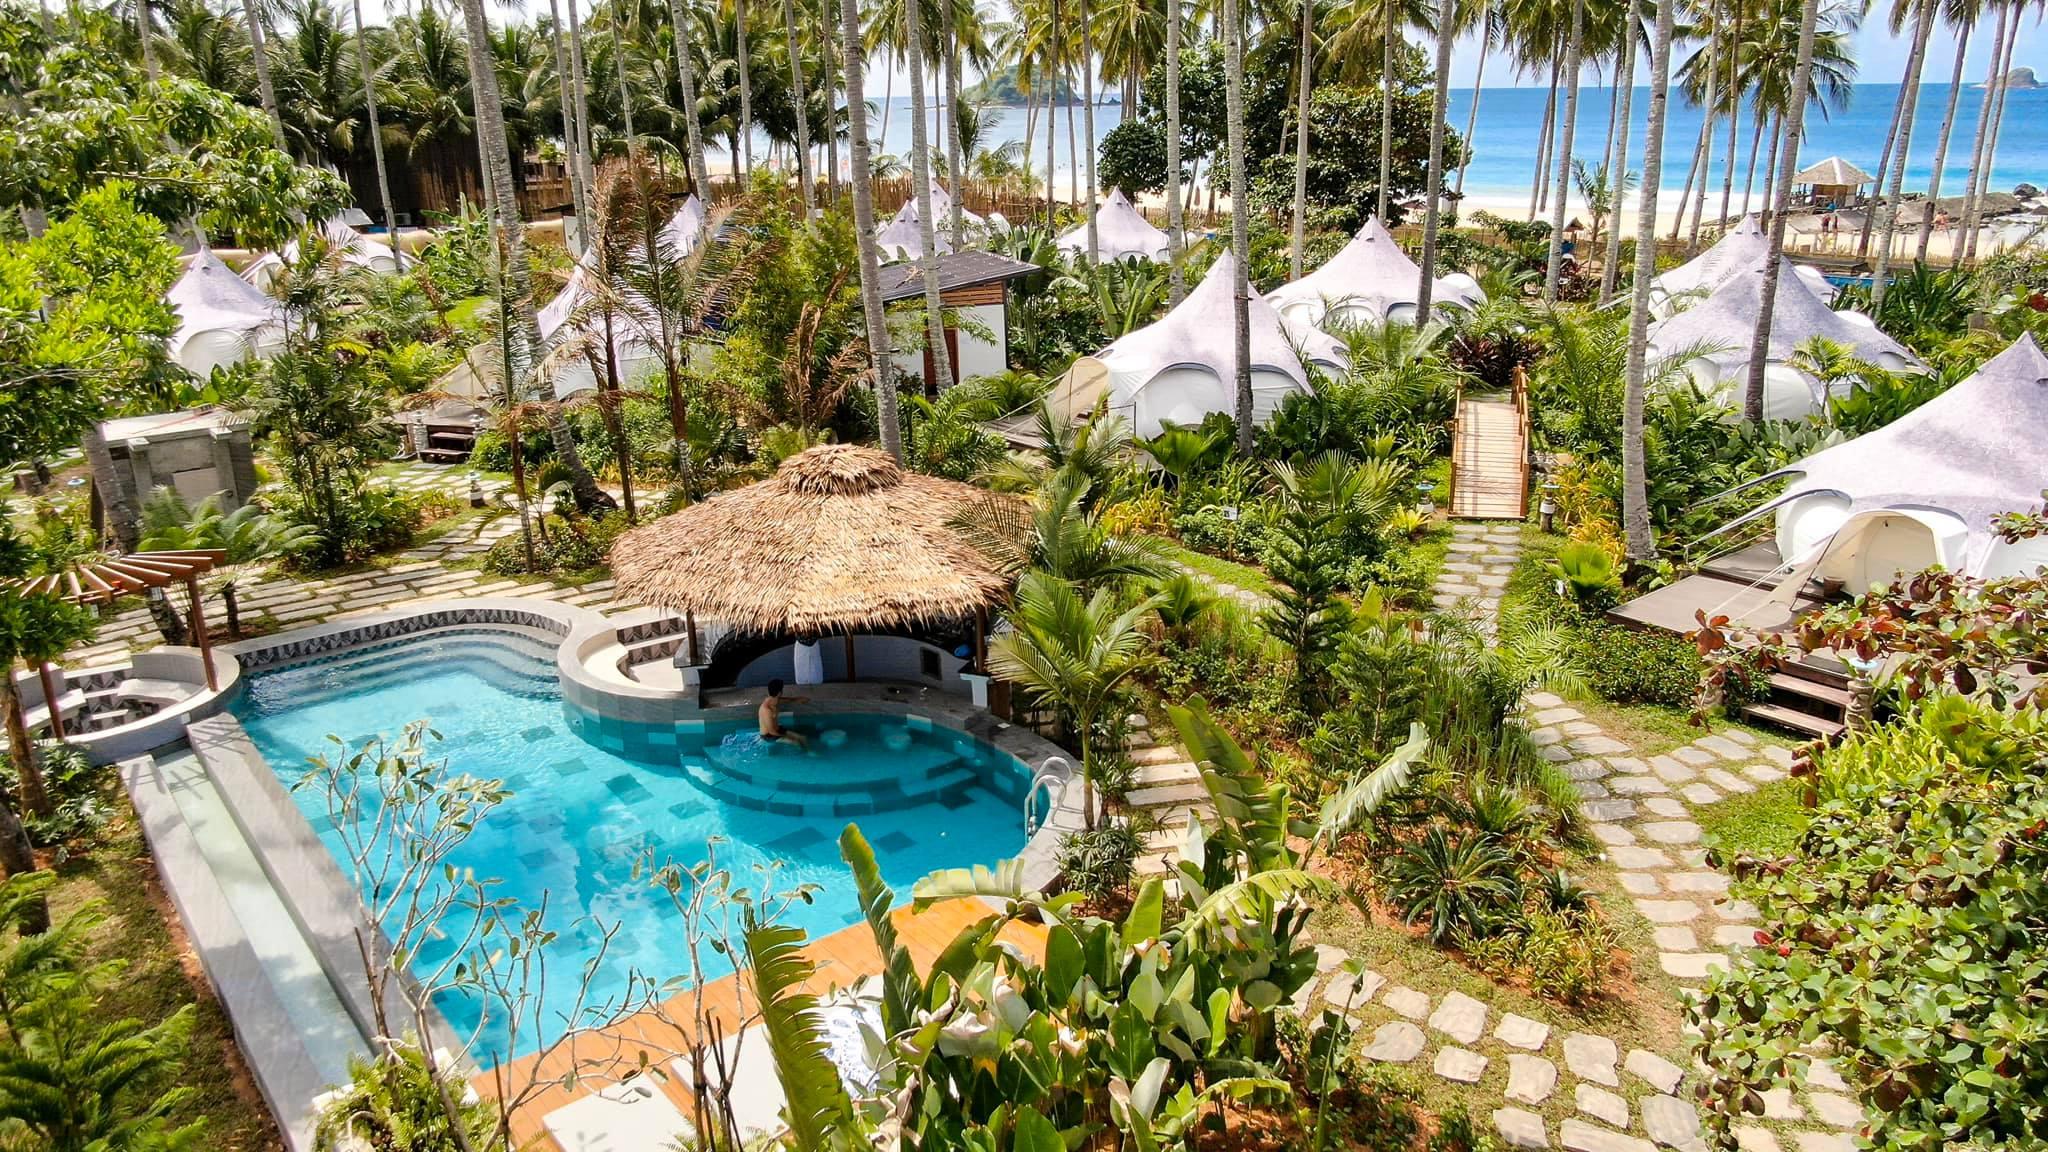 來海島國家就是要有沙灘酒吧游泳池啊